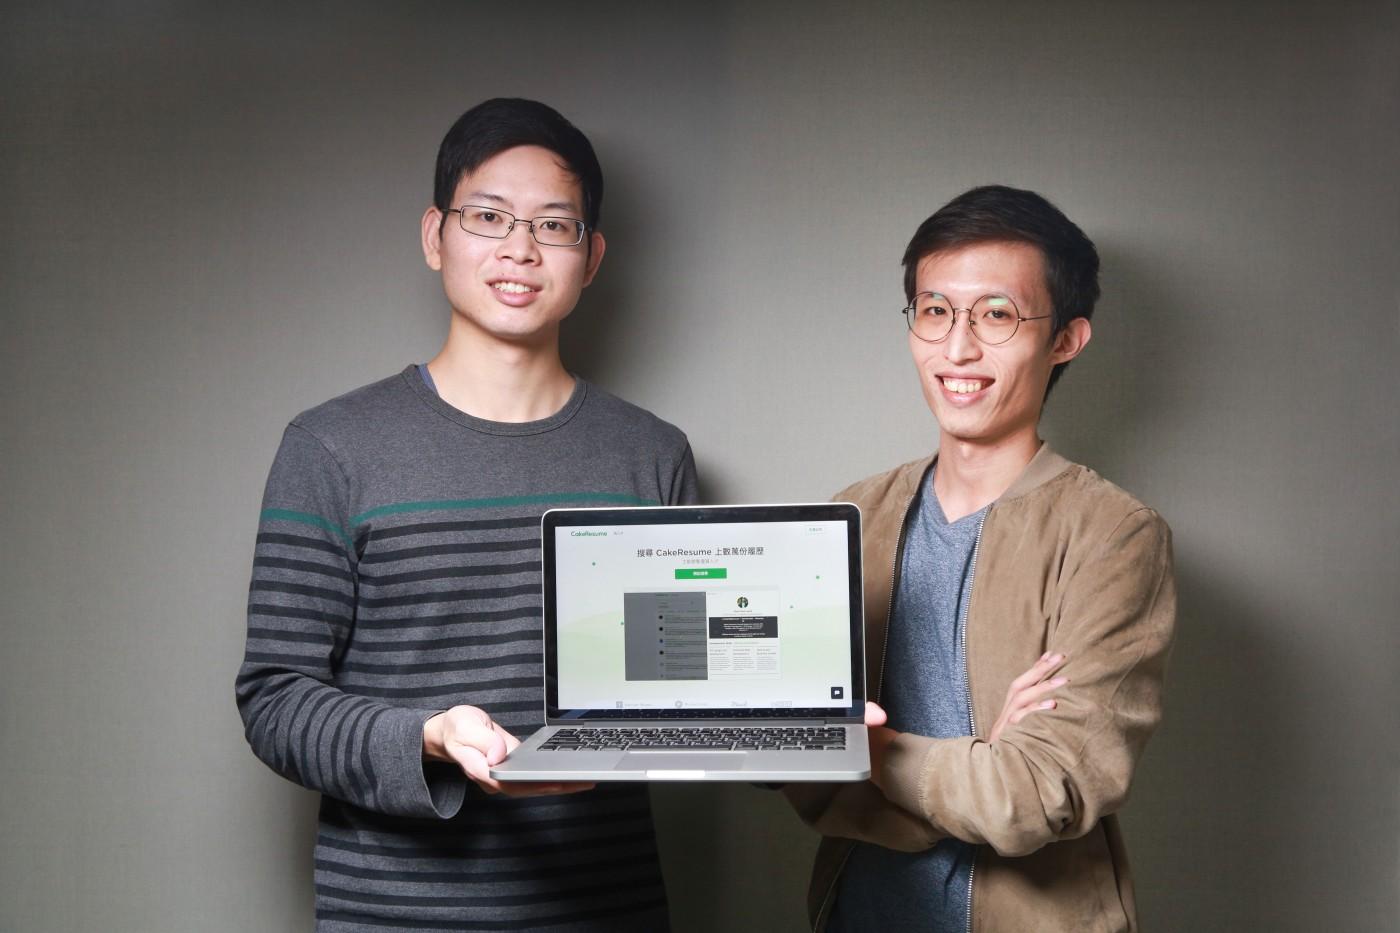 挑戰104人力銀行和LinkedIn:CakeResume讓你打造獨一無二的履歷